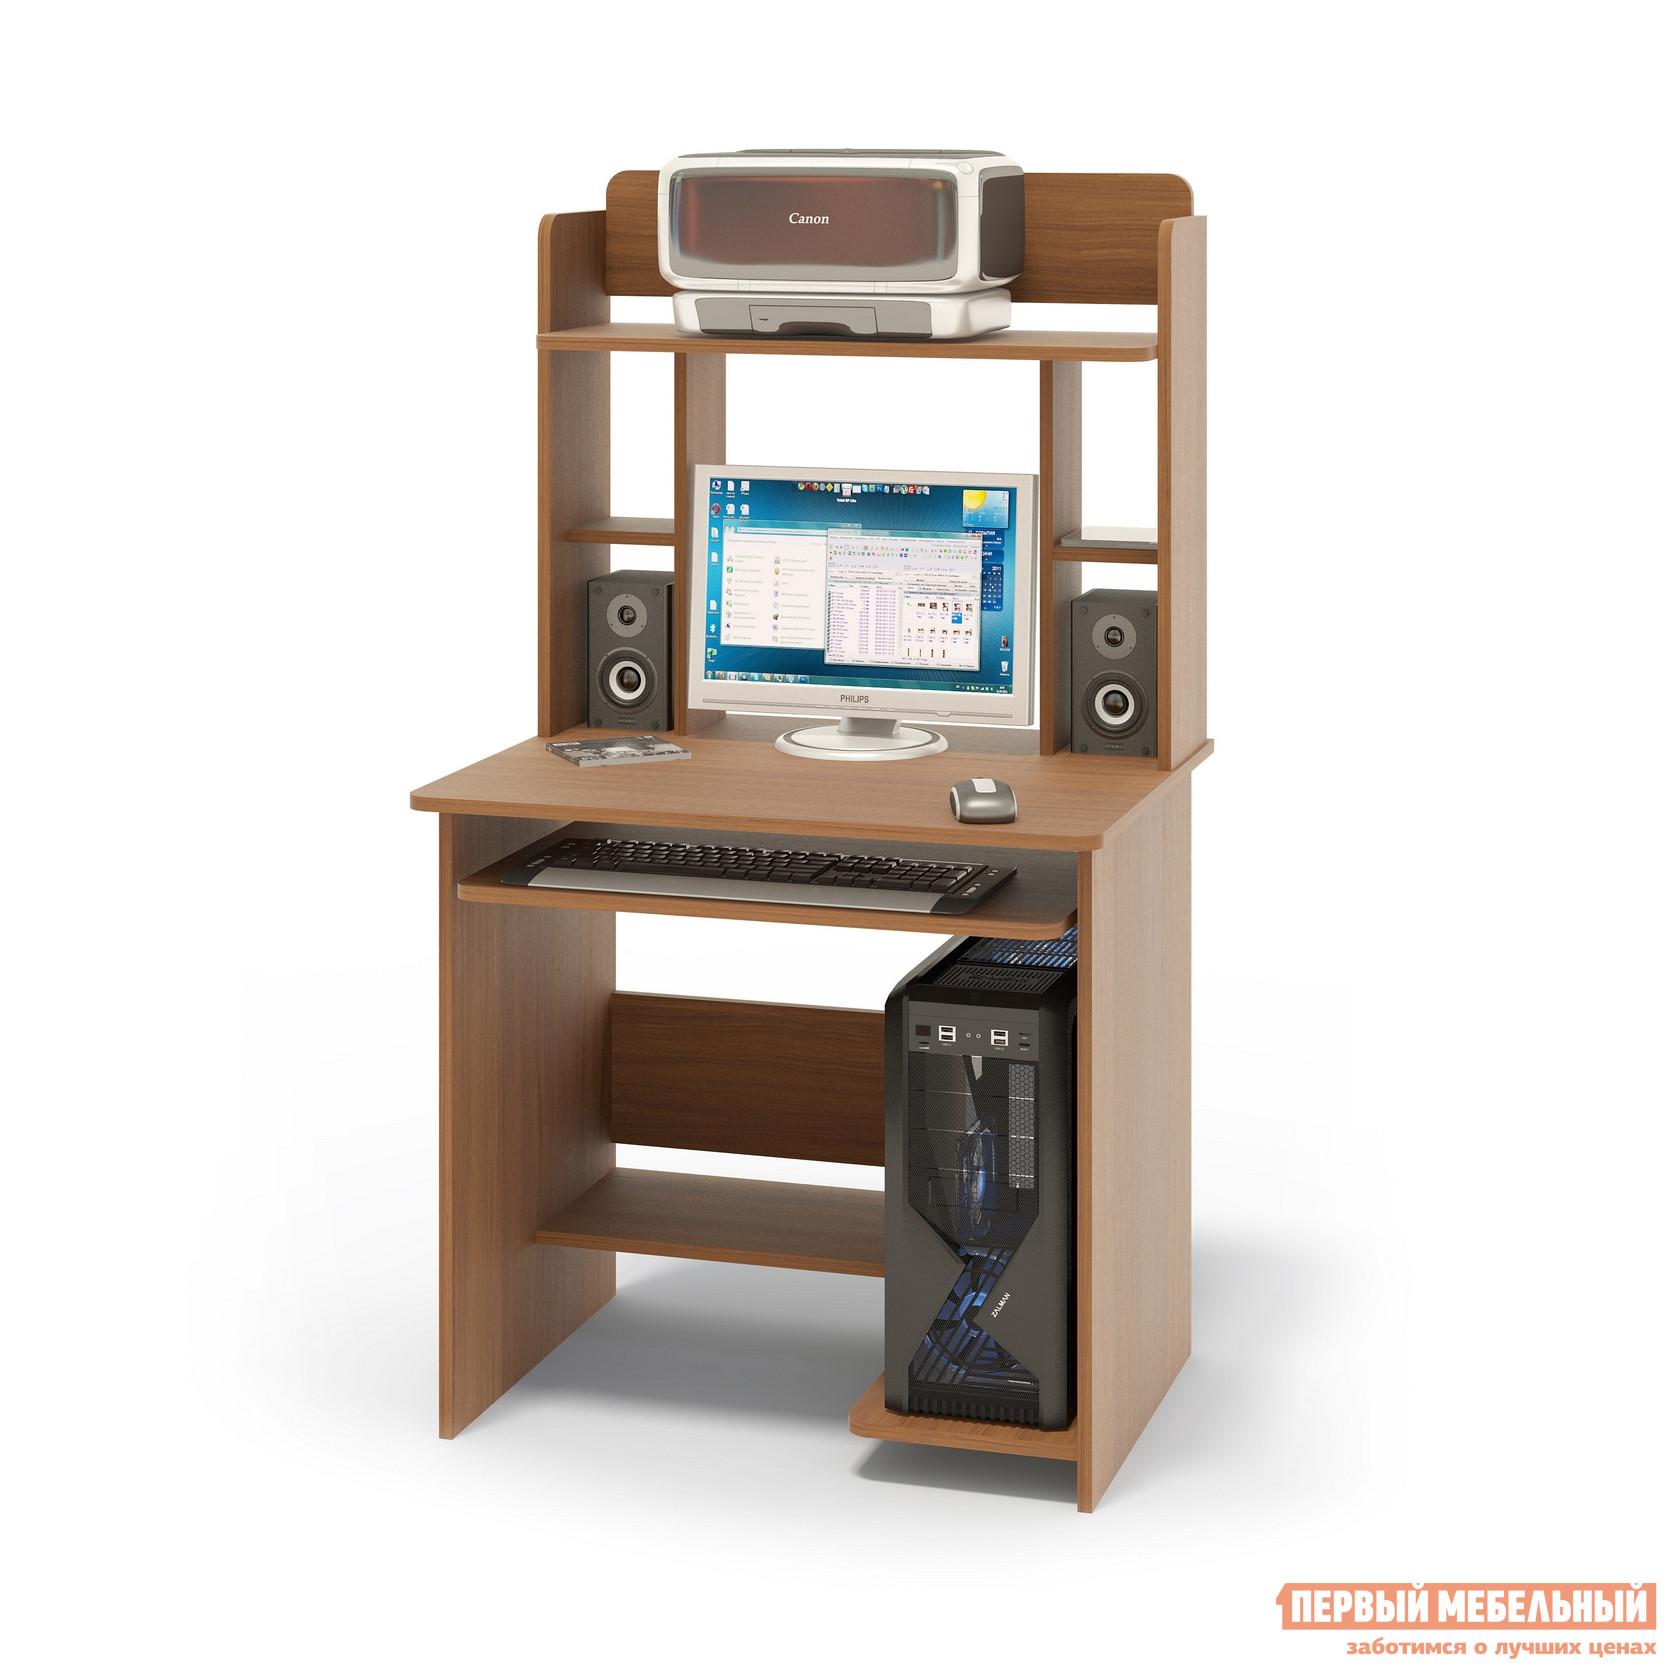 """Компьютерный стол Сокол КСТ-01.1+КН-12 Ноче-эккоКомпьютерные столы<br>Габаритные размеры ВхШхГ 1420x800x600 мм. Компактный  компьютерный стол  с надстройкой, выкатной полочкой для клавиатуры, позволяющей использовать поверхность стола для работы, полками для системного блока и принтера.   Стол позволит в небольшом пространстве организовать удобное место для работы. Размеры стола — 740 х 800 х 600 ммРазмер полки под клавиатуру — 650 х 356 мм. Размеры верхней полочки в надстройке — 758 х 252 мм. Проем под монитор — 476 х 456 мм (под монитор 20""""). Изготовлен из высококачественного ламинированного ДСП российского производства толщиной  16 мм, столешница имеет скругленные края и отделана противоударным кантом ПВХ. Изделие поставляется в разобранном виде.  Хорошо упаковано вгофротару вместе с необходимой фурнитурой для сборки и подробной инструкцией.  Рекомендуем сохранить инструкцию по сборке (паспорт изделия) до истечения гарантийного срока.<br><br>Цвет: Коричневое дерево<br>Высота мм: 1420<br>Ширина мм: 800<br>Глубина мм: 600<br>Кол-во упаковок: 2<br>Форма поставки: В разобранном виде<br>Срок гарантии: 2 года<br>Тип: Прямые<br>Материал: Дерево<br>Материал: ЛДСП<br>Размер: Маленькие<br>Размер: Ширина 80 см<br>С надстройкой: Да<br>С полками: Да<br>Стиль: Современный<br>Стиль: Модерн"""